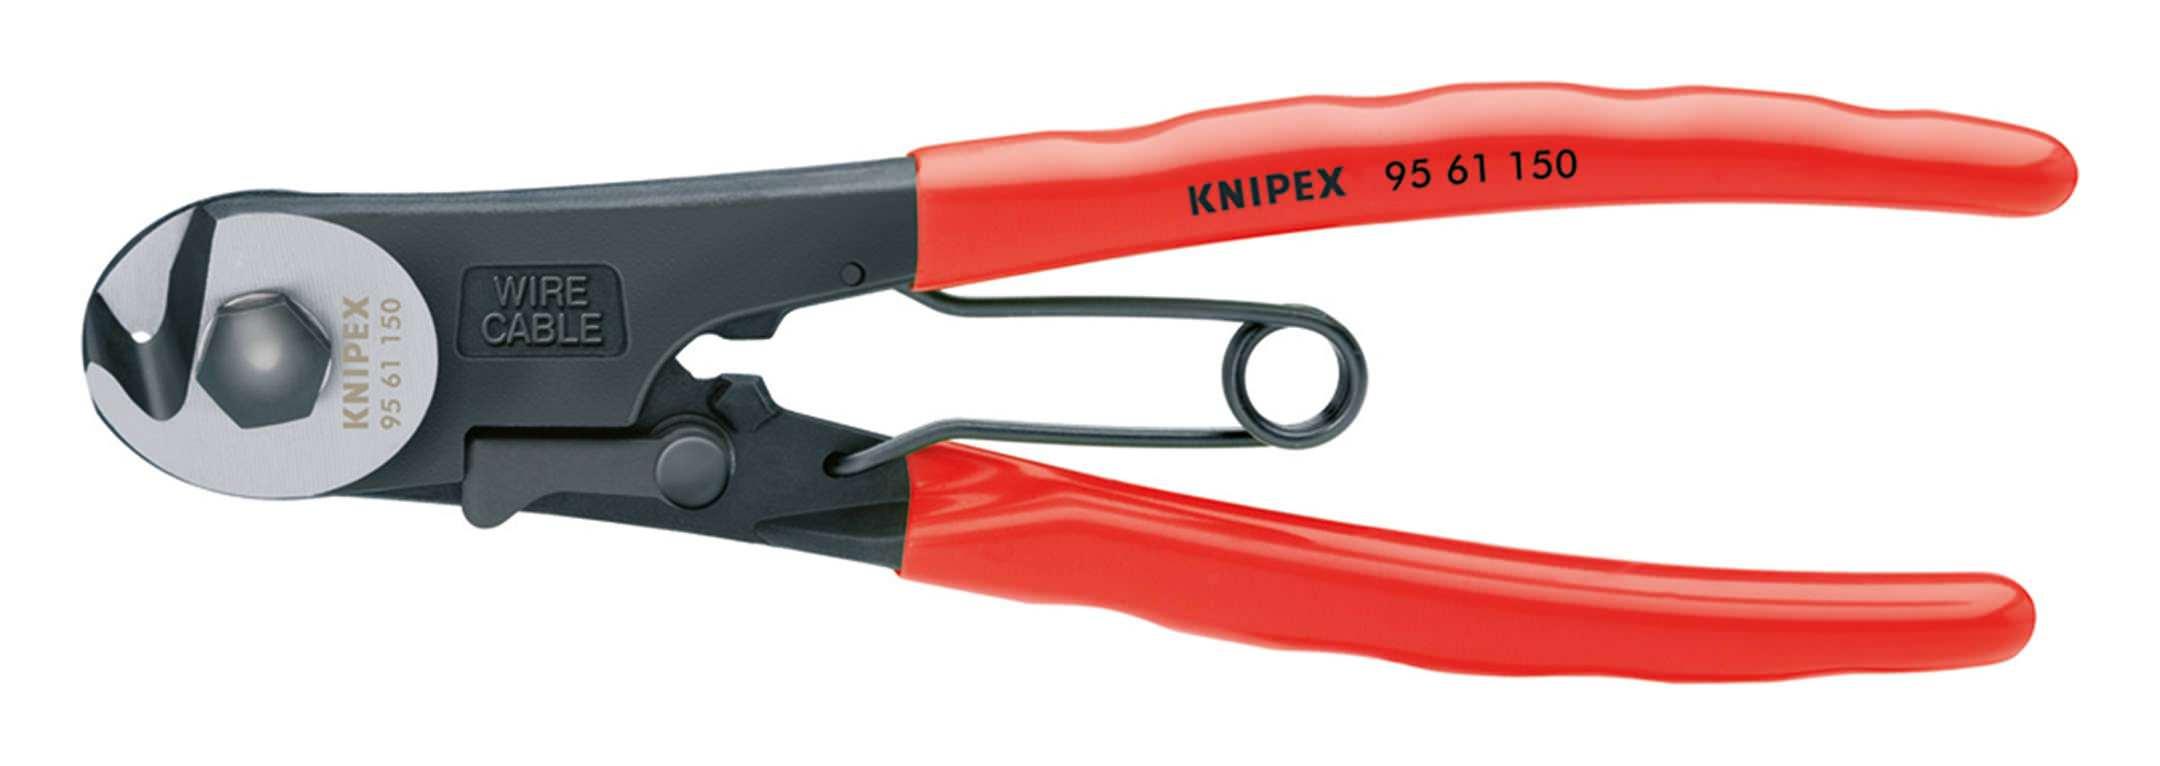 Knipex Bowdenzugschneider 150mm - 95 61 150